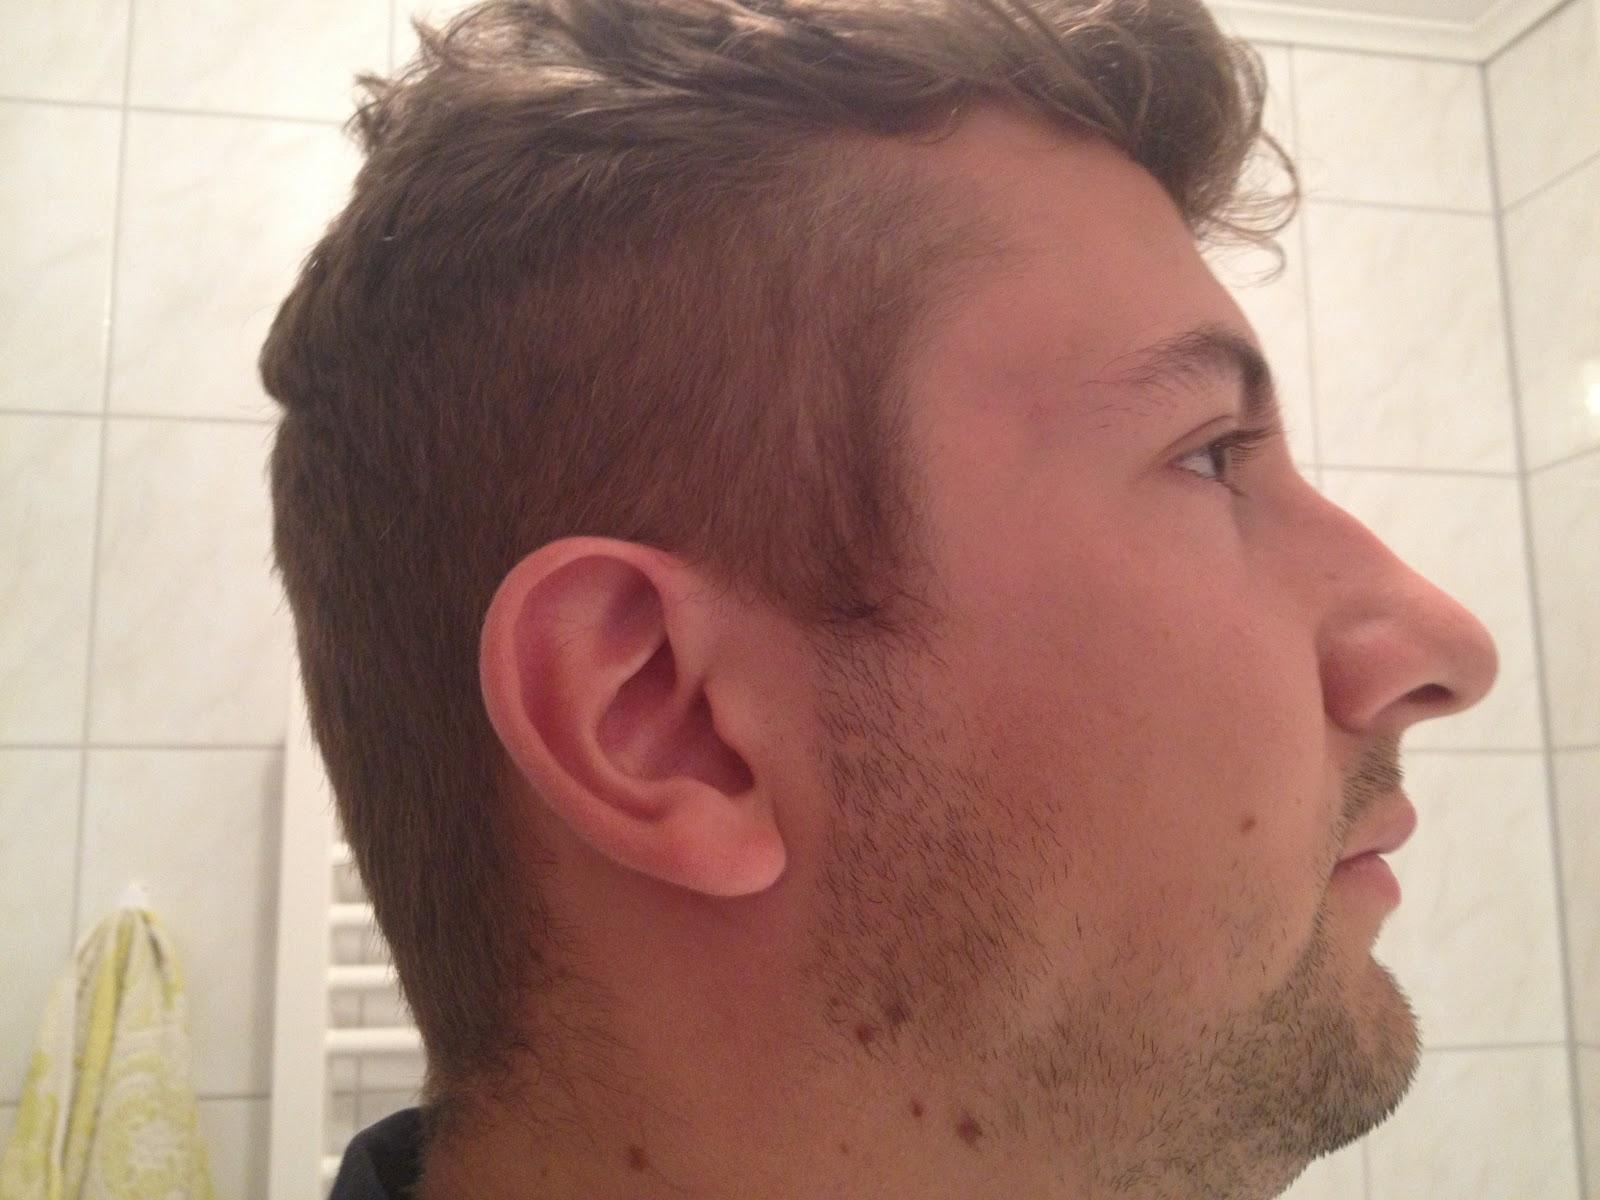 Bart rasieren oder nicht